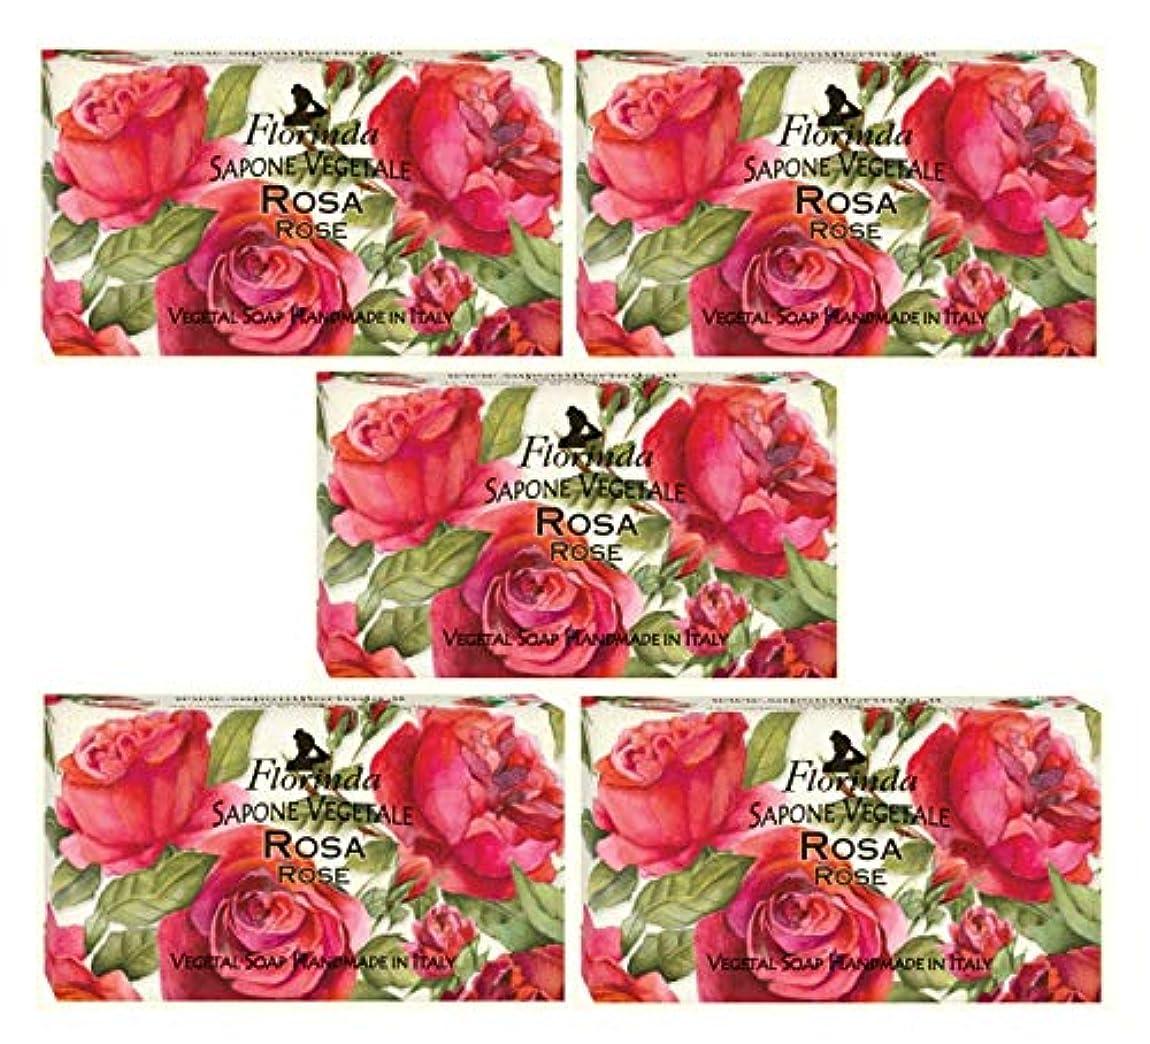 差別宝爪フロリンダ フレグランスソープ 固形石けん 花の香り ローズ 95g×5個セット